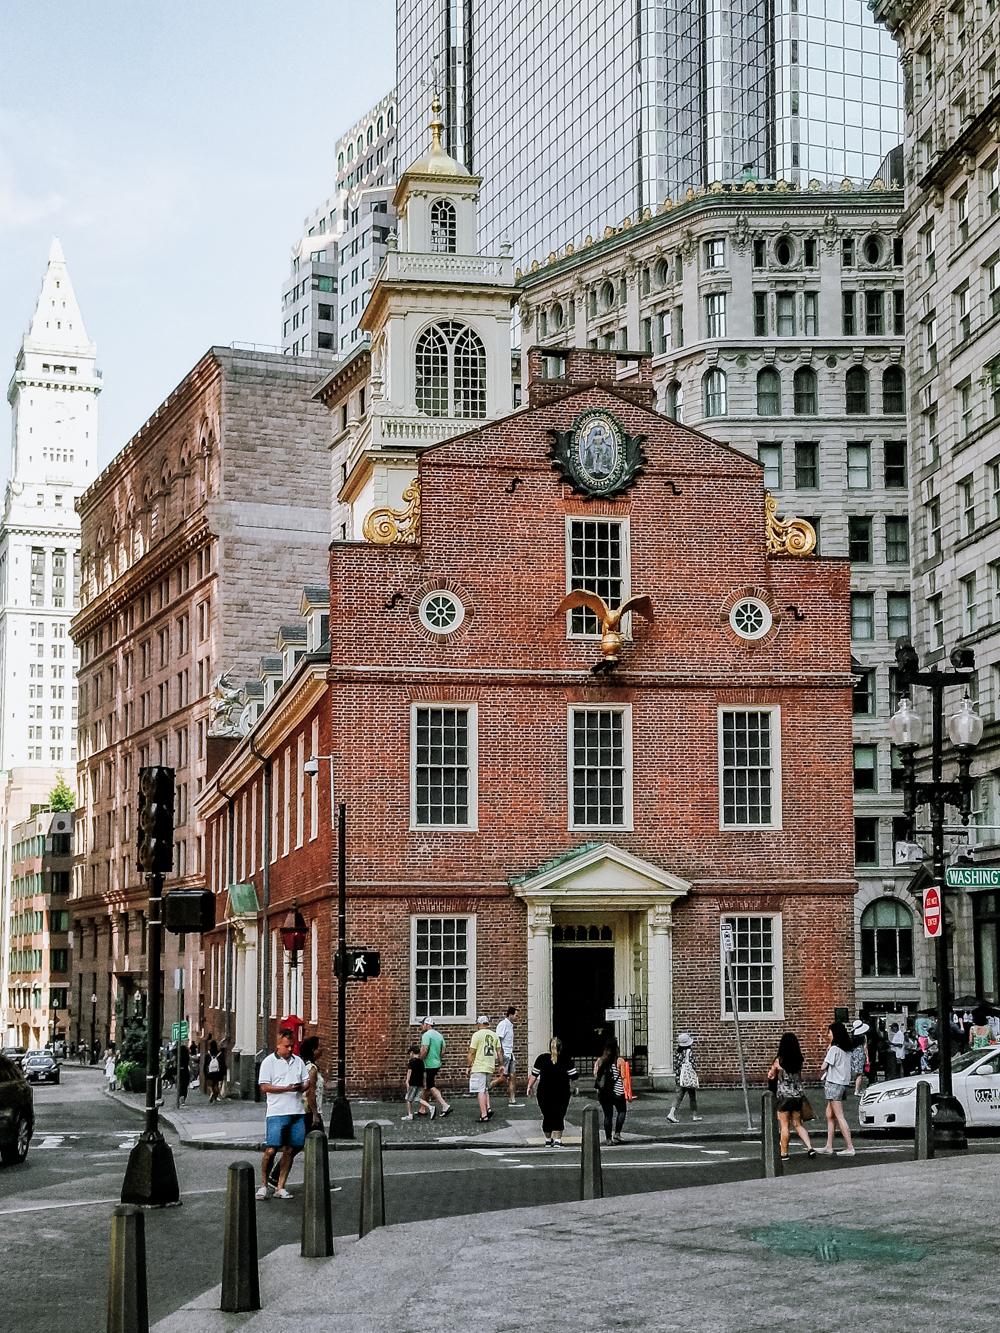 old building in Boston